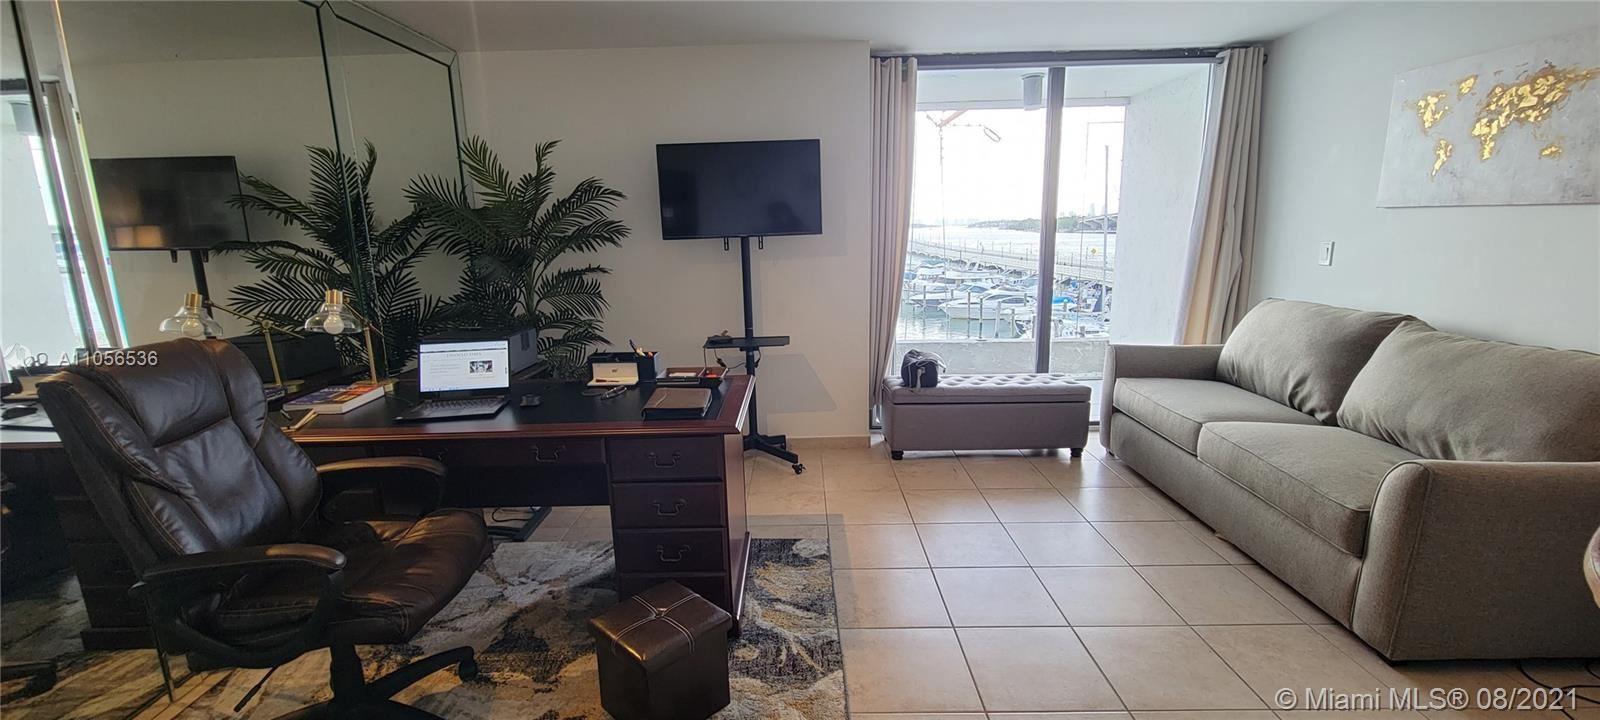 555 NE 15th St #410, Miami, FL 33132 - #: A11056536